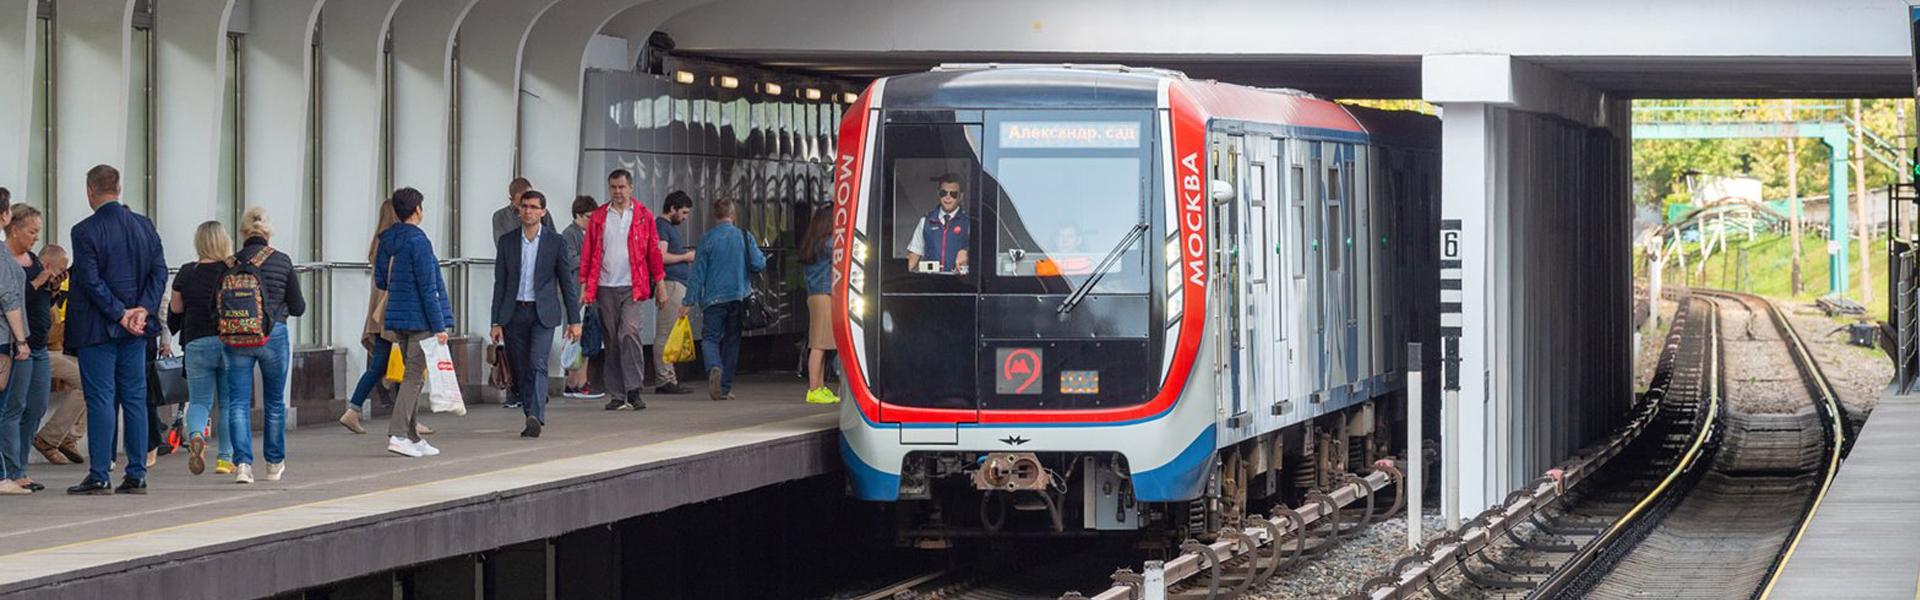 метро филевский парк